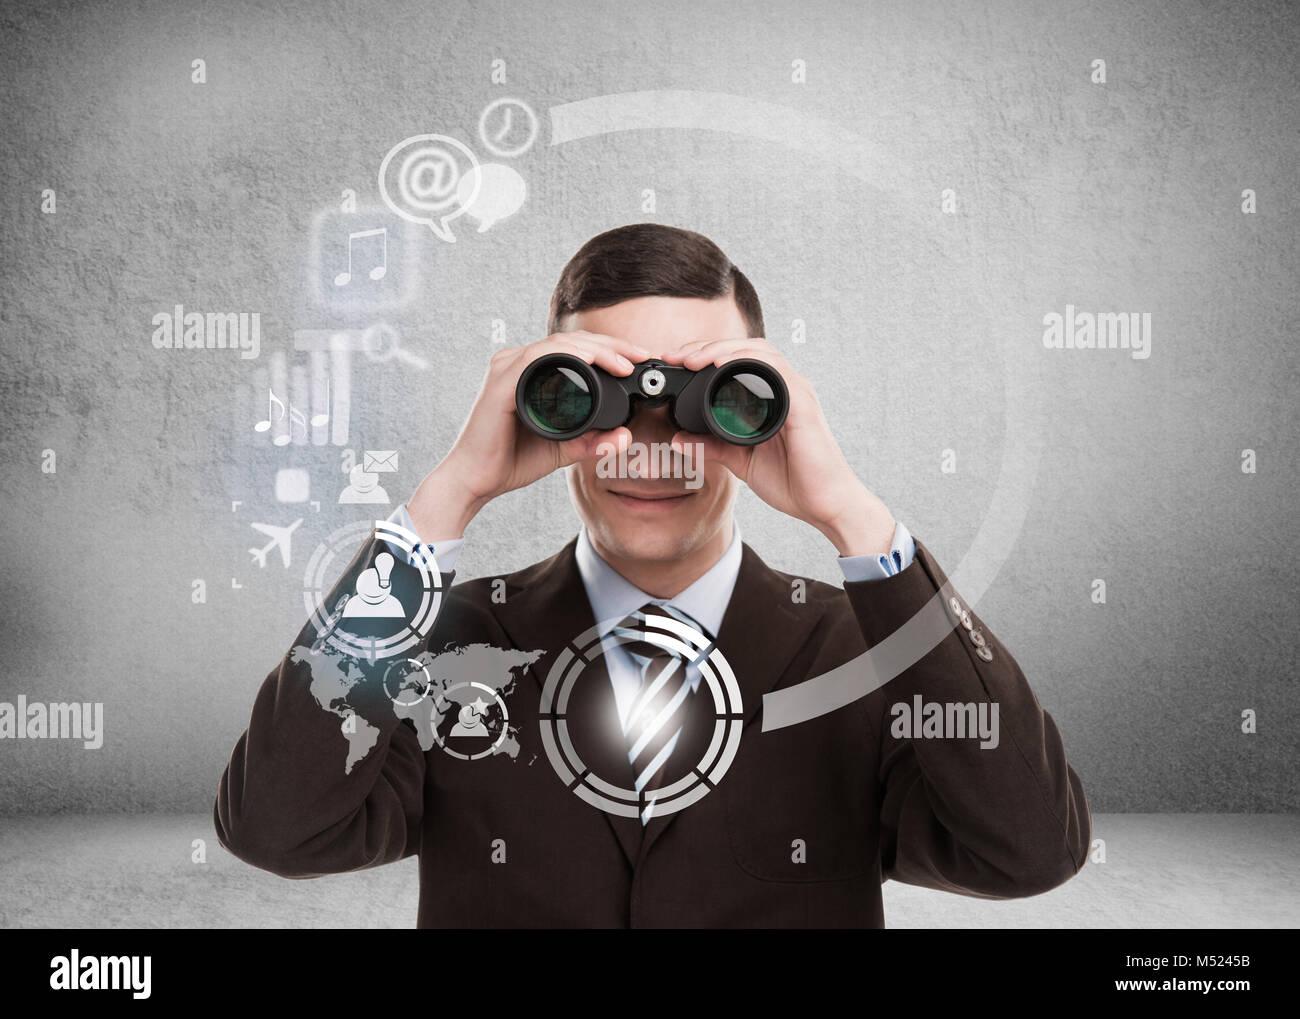 Technologie concept. Businessman avec biboculars et virtuels avec interface web et social media icons Banque D'Images